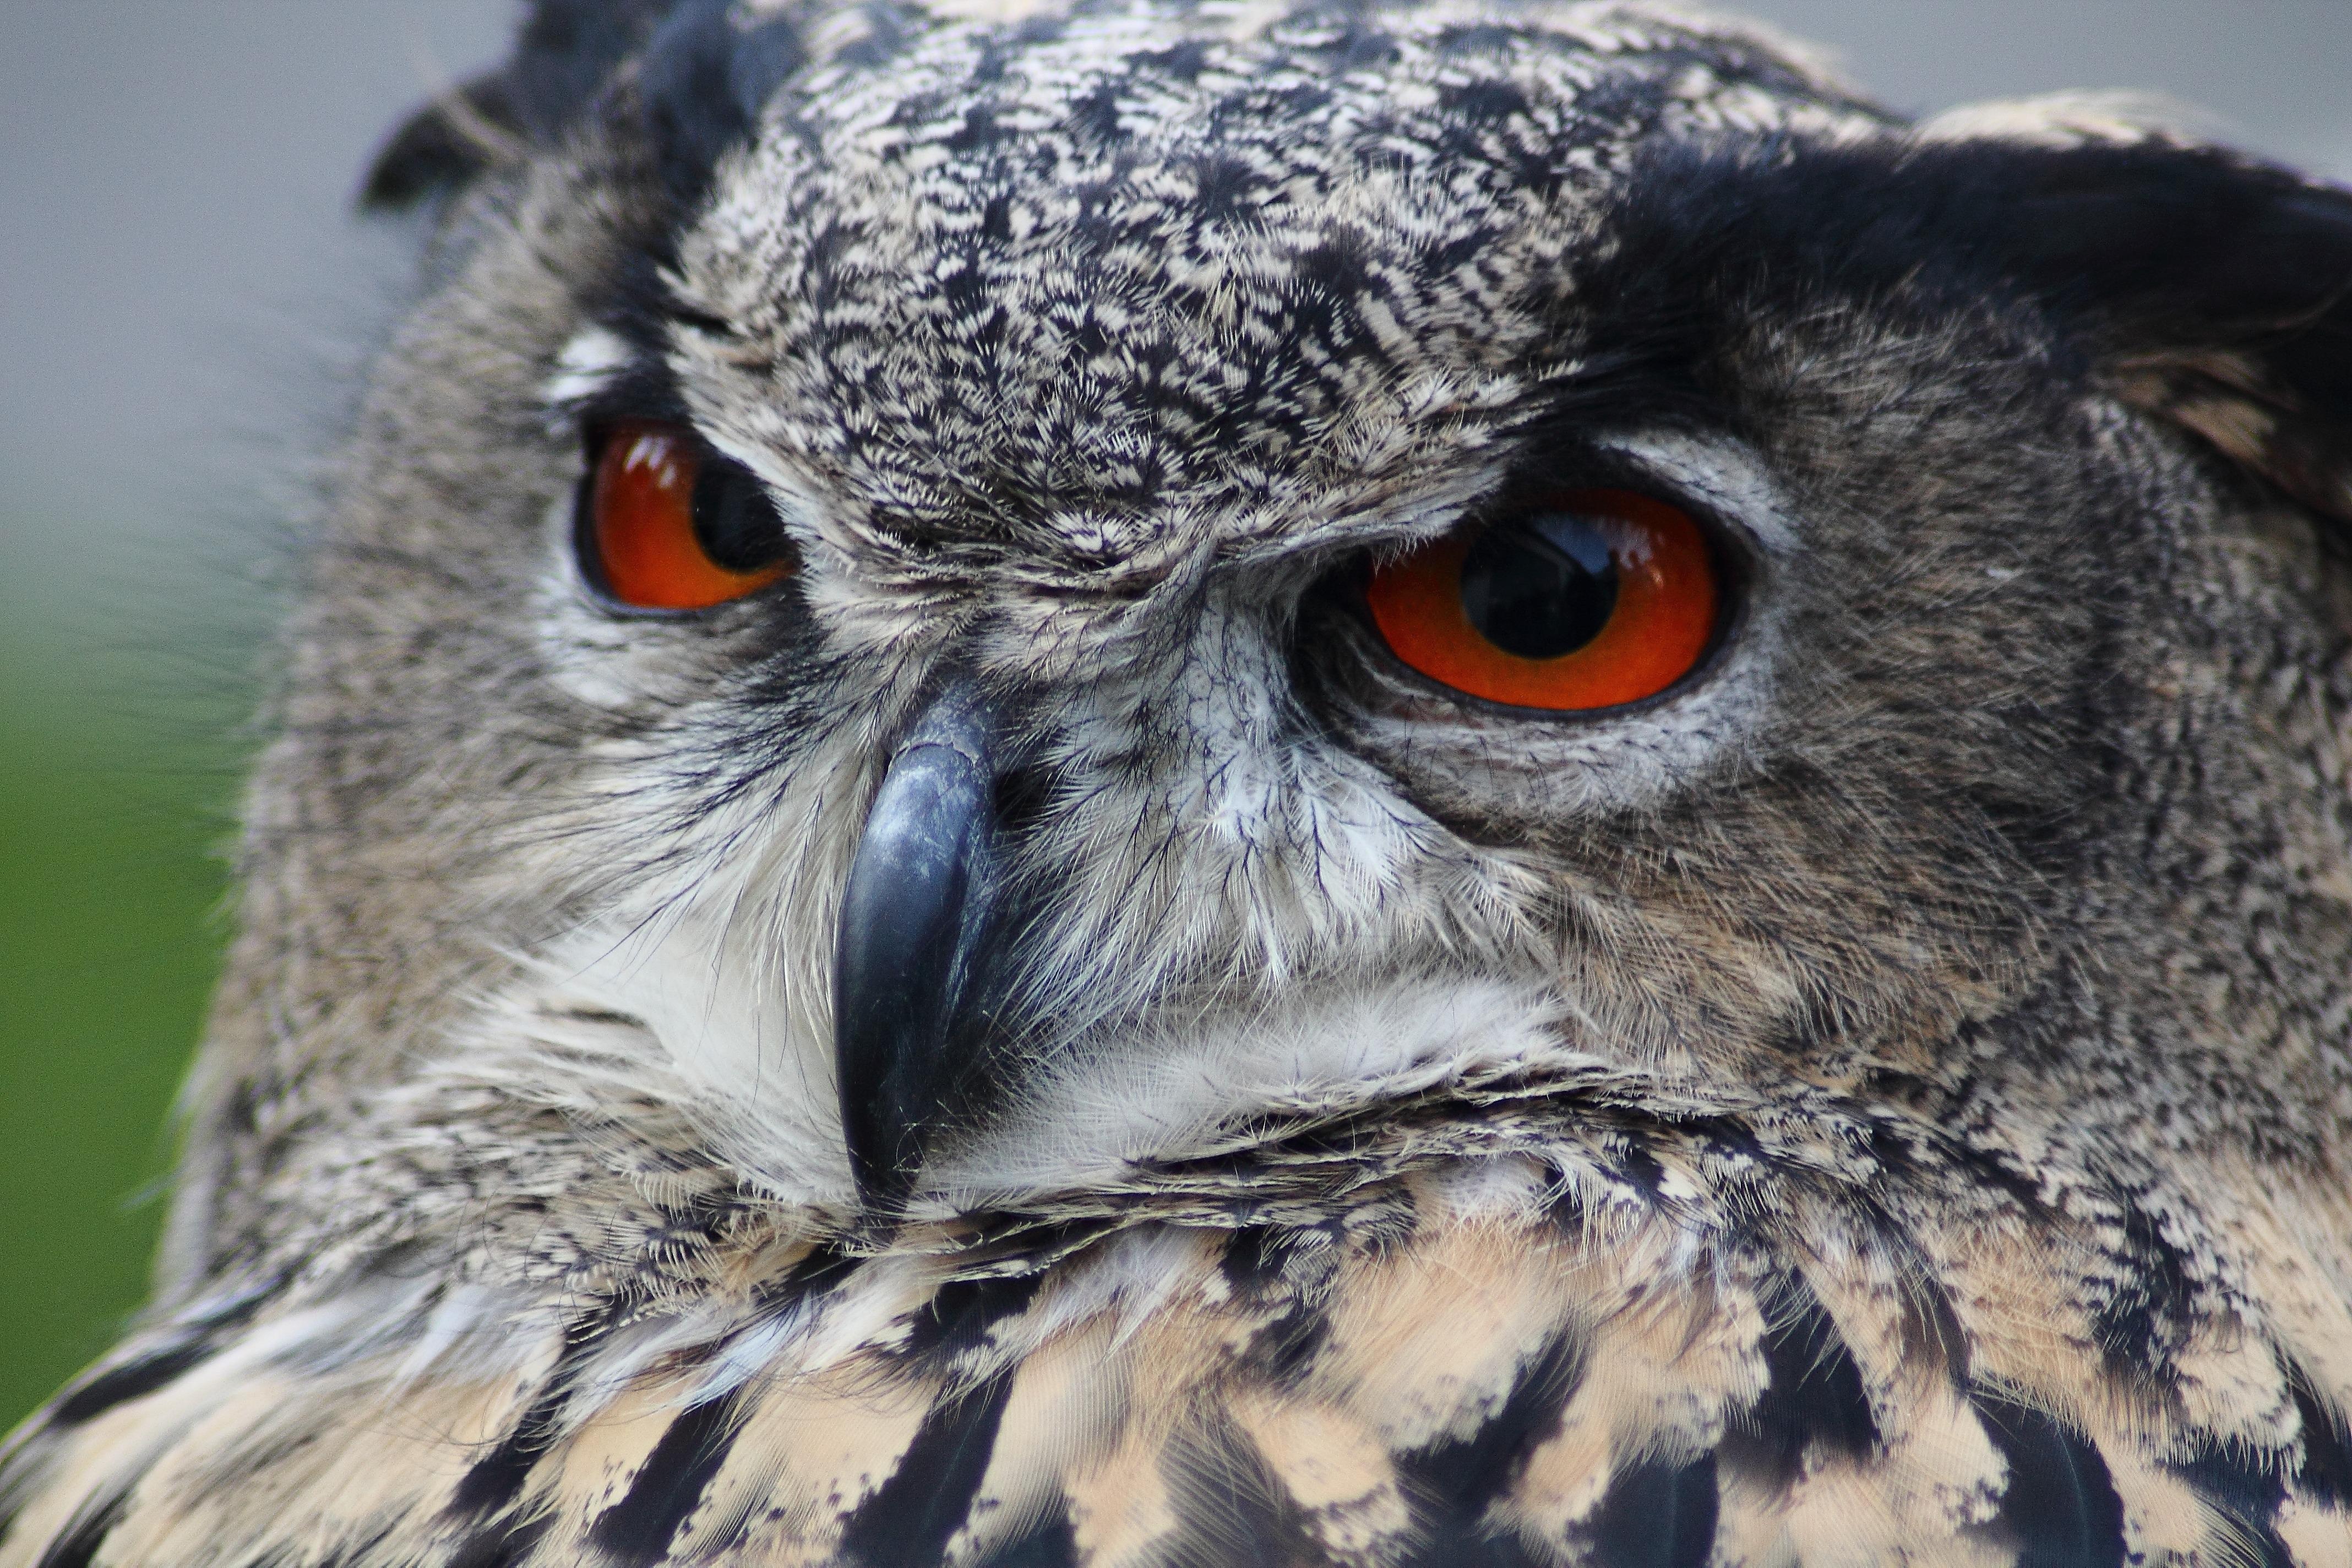 Grey Owl · Free Stock Photo